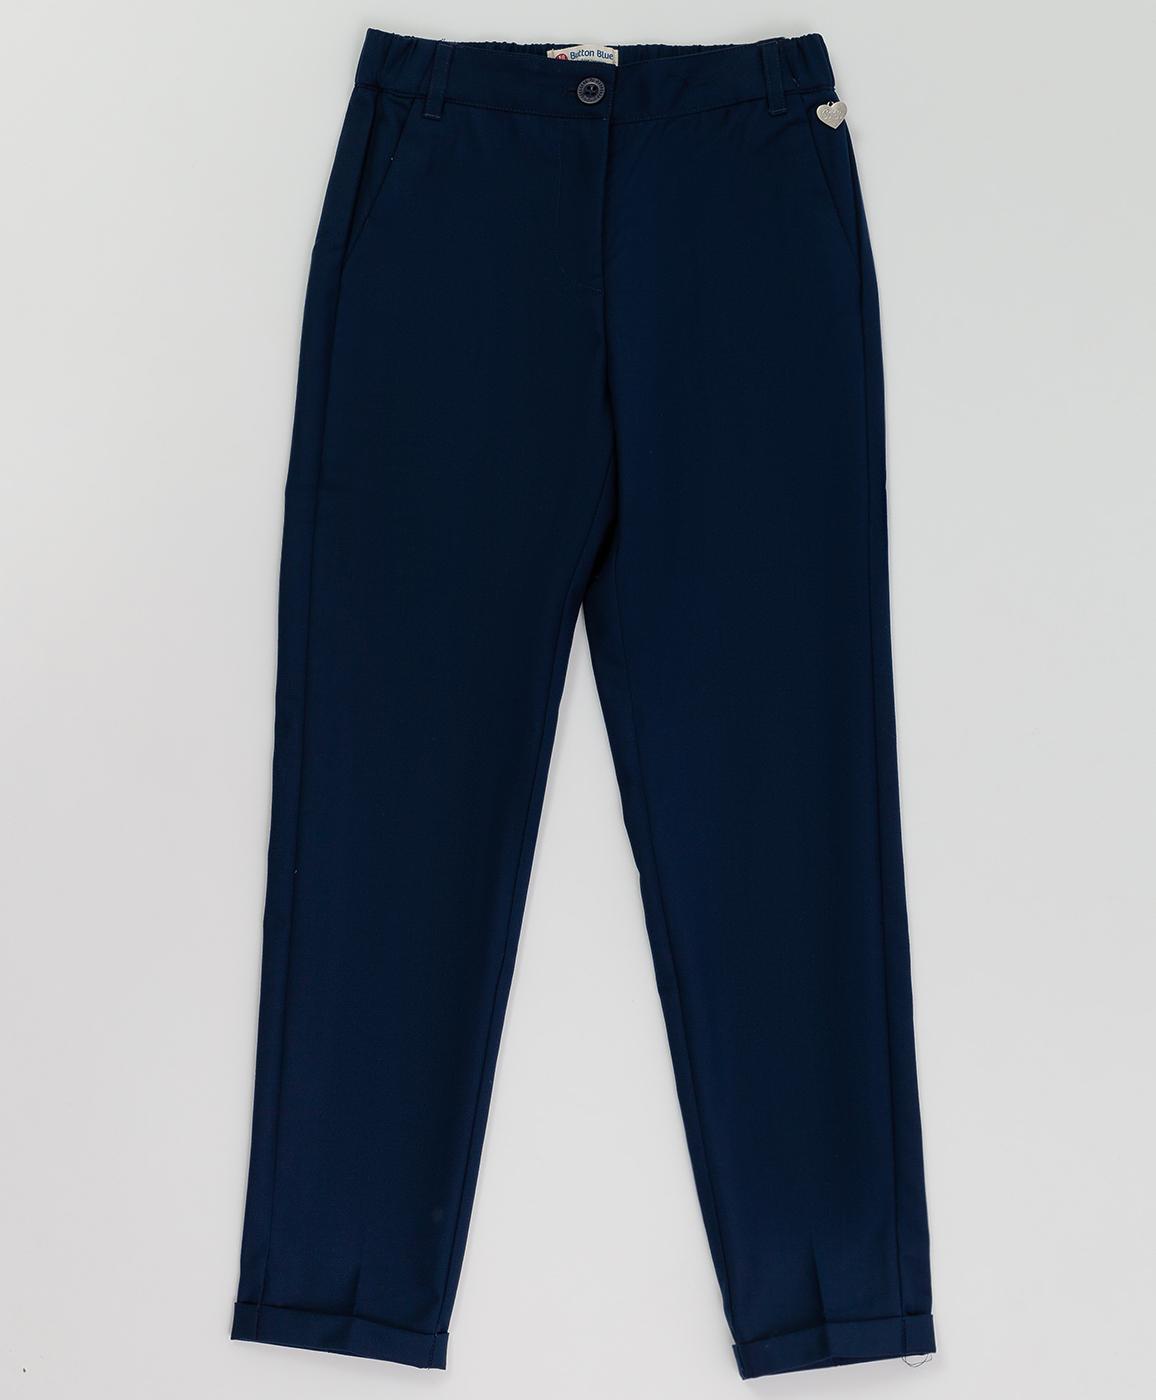 Купить 220BBGS63011000, Синие брюки с манжетом Button Blue, синий, 122, Текстиль, Женский, Демисезон, ШКОЛЬНАЯ ФОРМА 2020-2021 (shop: GulliverMarket Gulliver Market)